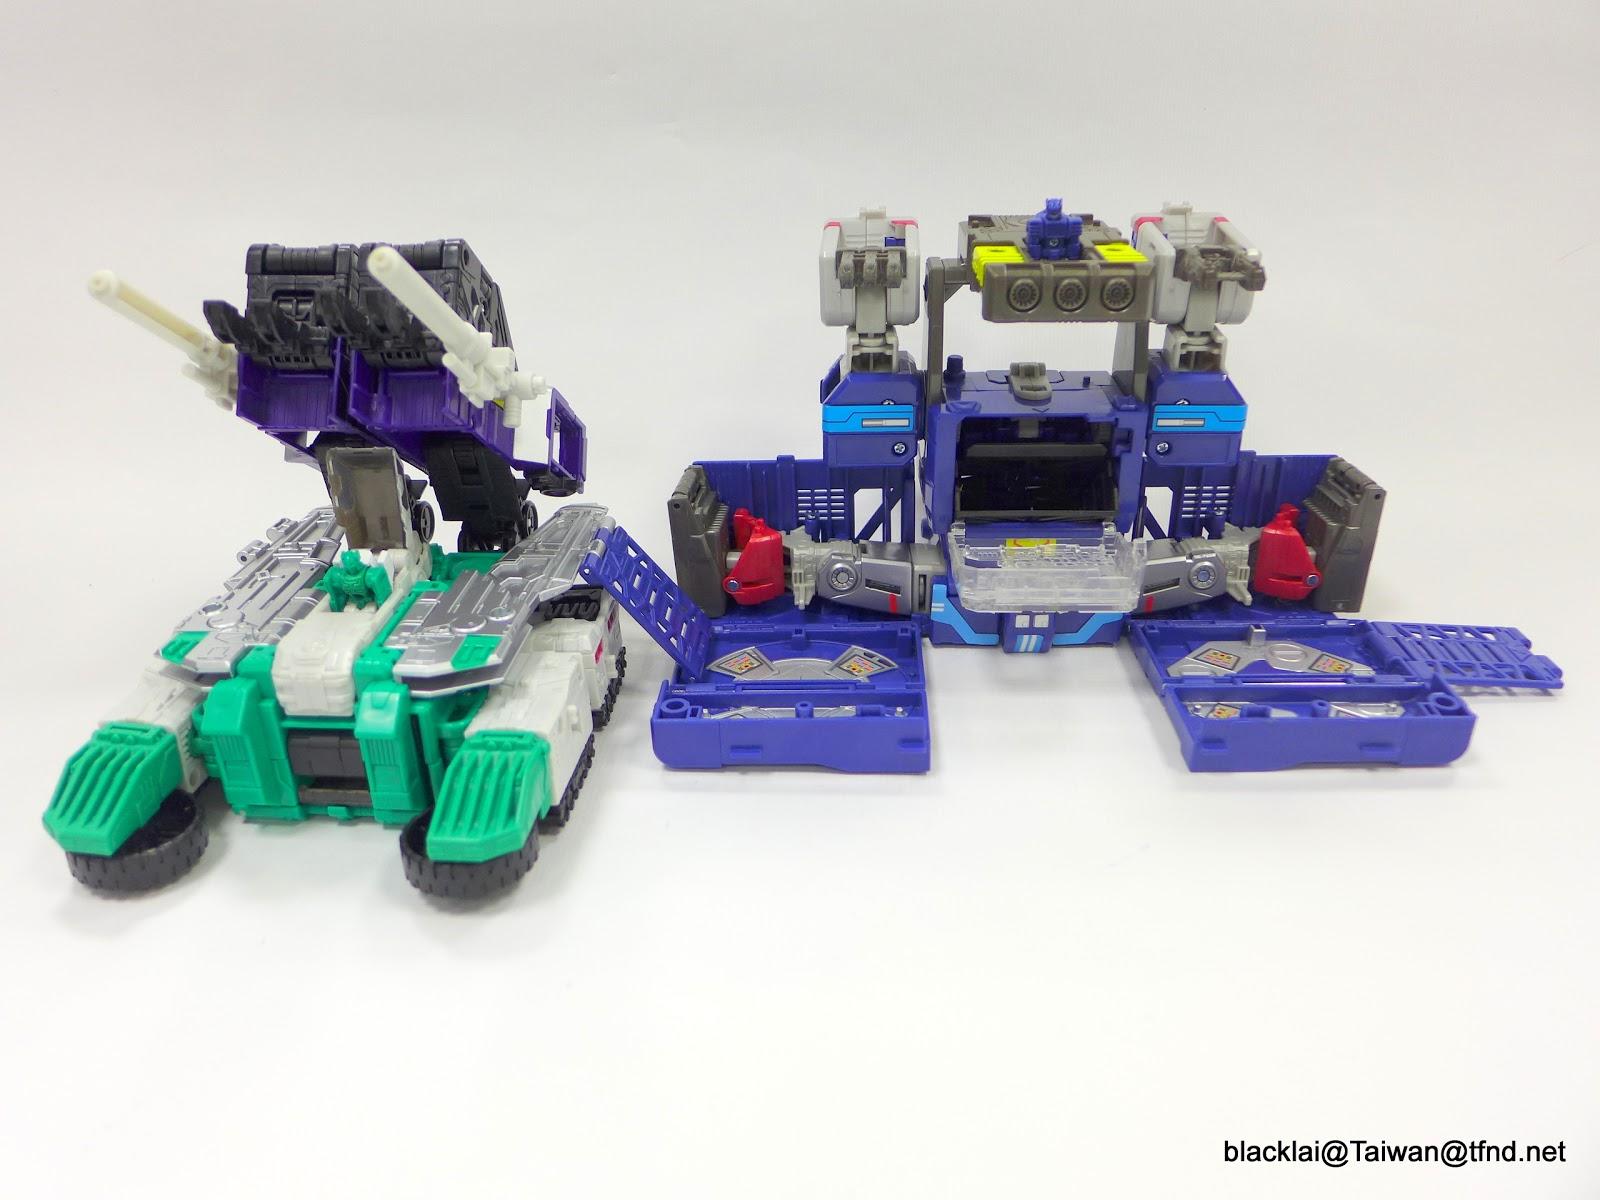 Jouets Transformers Generations: Nouveautés Hasbro - Page 40 P1510031